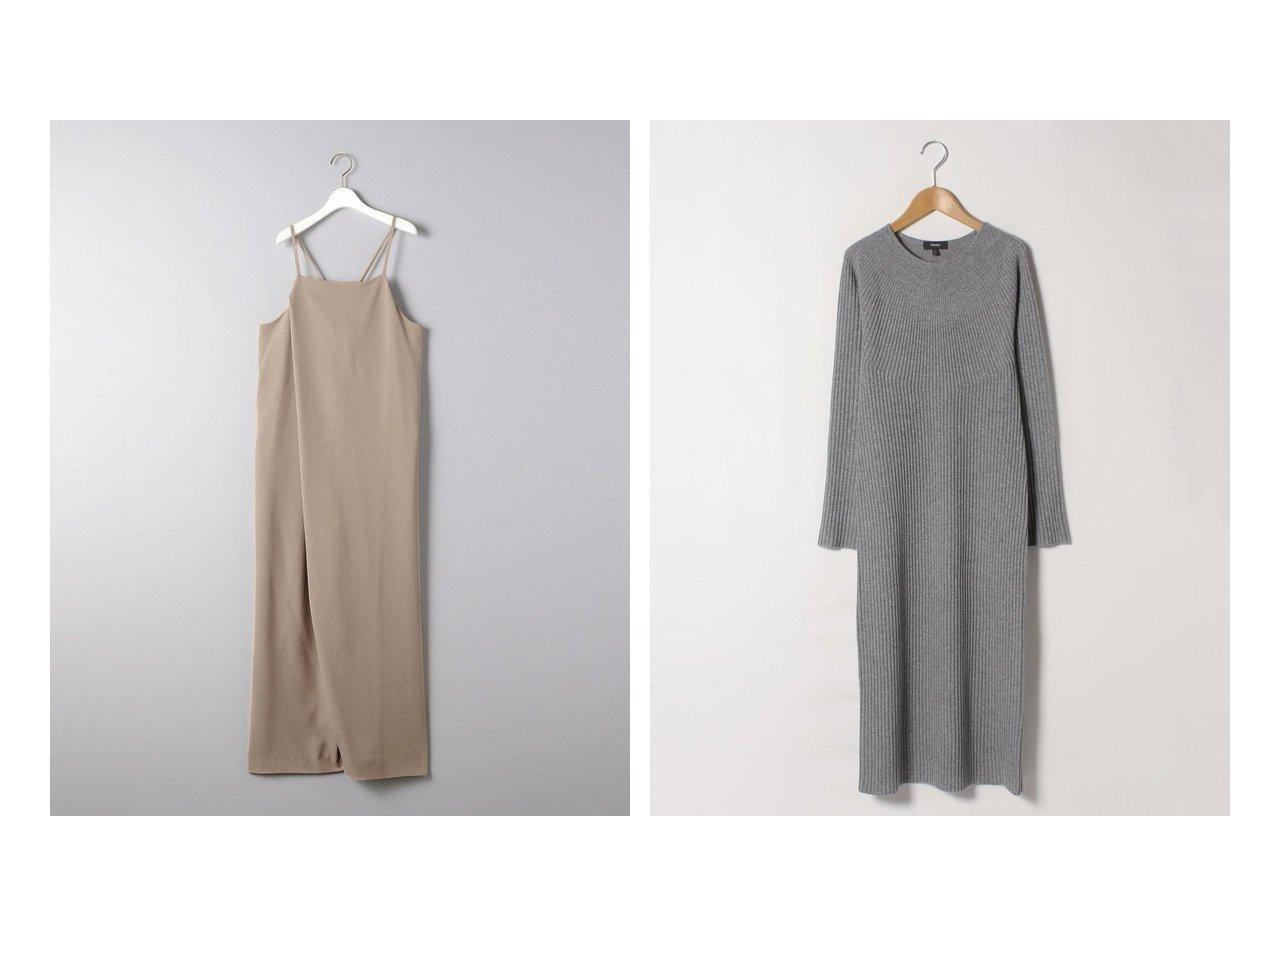 【theory/セオリー】のワンピース MERCER WOOL CASH EASY RIB&【UNITED ARROWS/ユナイテッドアローズ】のUWSC ラップ サロペット ワンピース・ドレスのおすすめ!人気、トレンド・レディースファッションの通販 おすすめで人気の流行・トレンド、ファッションの通販商品 メンズファッション・キッズファッション・インテリア・家具・レディースファッション・服の通販 founy(ファニー) https://founy.com/ ファッション Fashion レディースファッション WOMEN ワンピース Dress サロペット Salopette インナー サロペット ドレープ フロント ラップ リボン ワイド カシミヤ スリーブ ドレス パターン ファブリック ペンシル ミモレ |ID:crp329100000015050